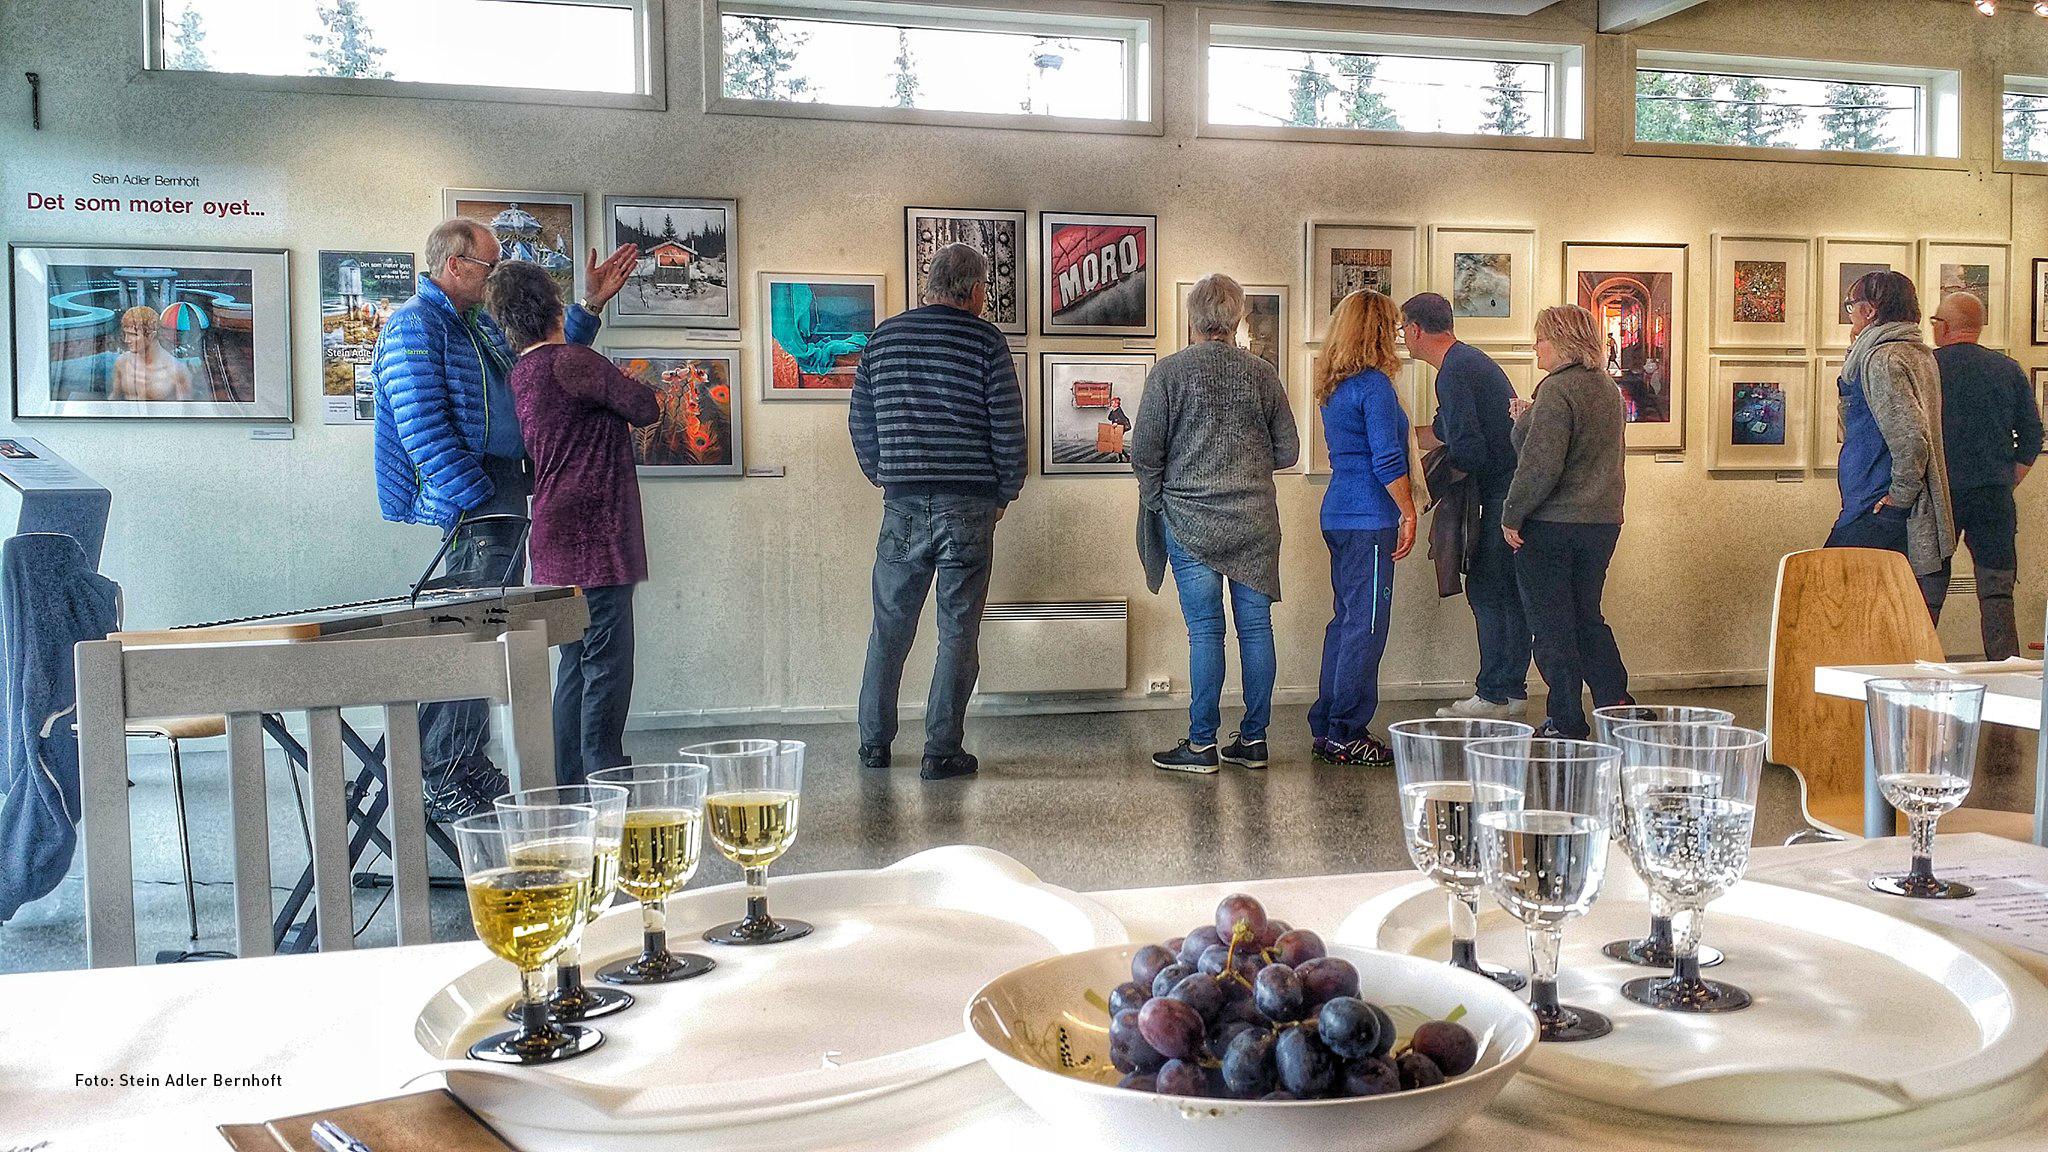 Utstilling av bilder, mange besøkende